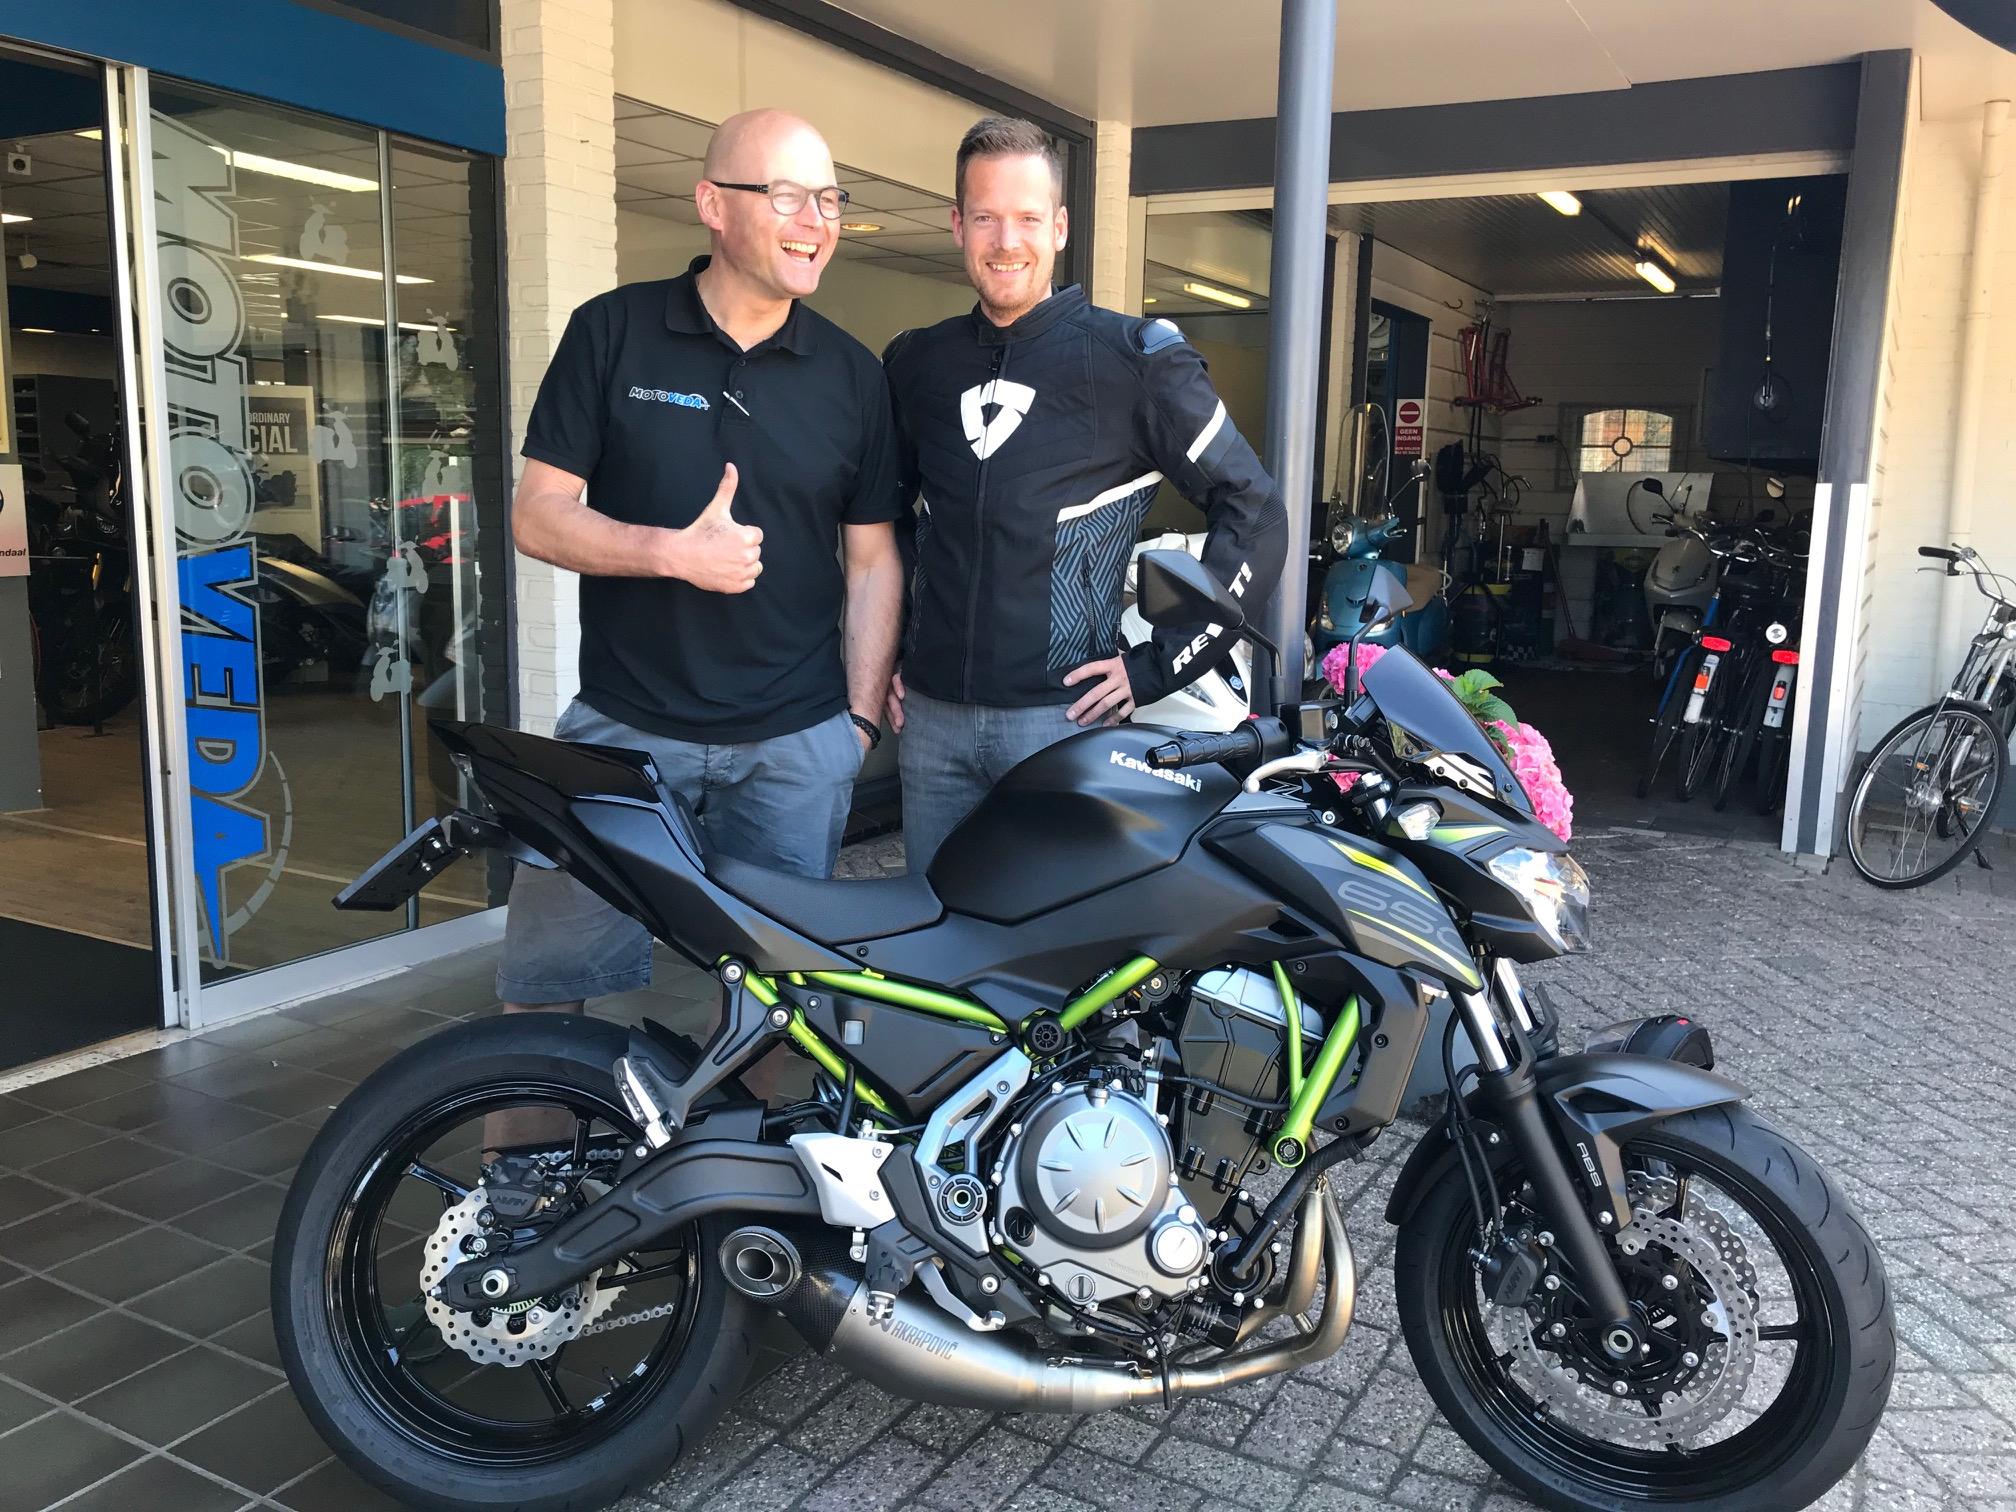 Oud collega Erik met zijn nieuwe Kawasaki en Rev'it outfit